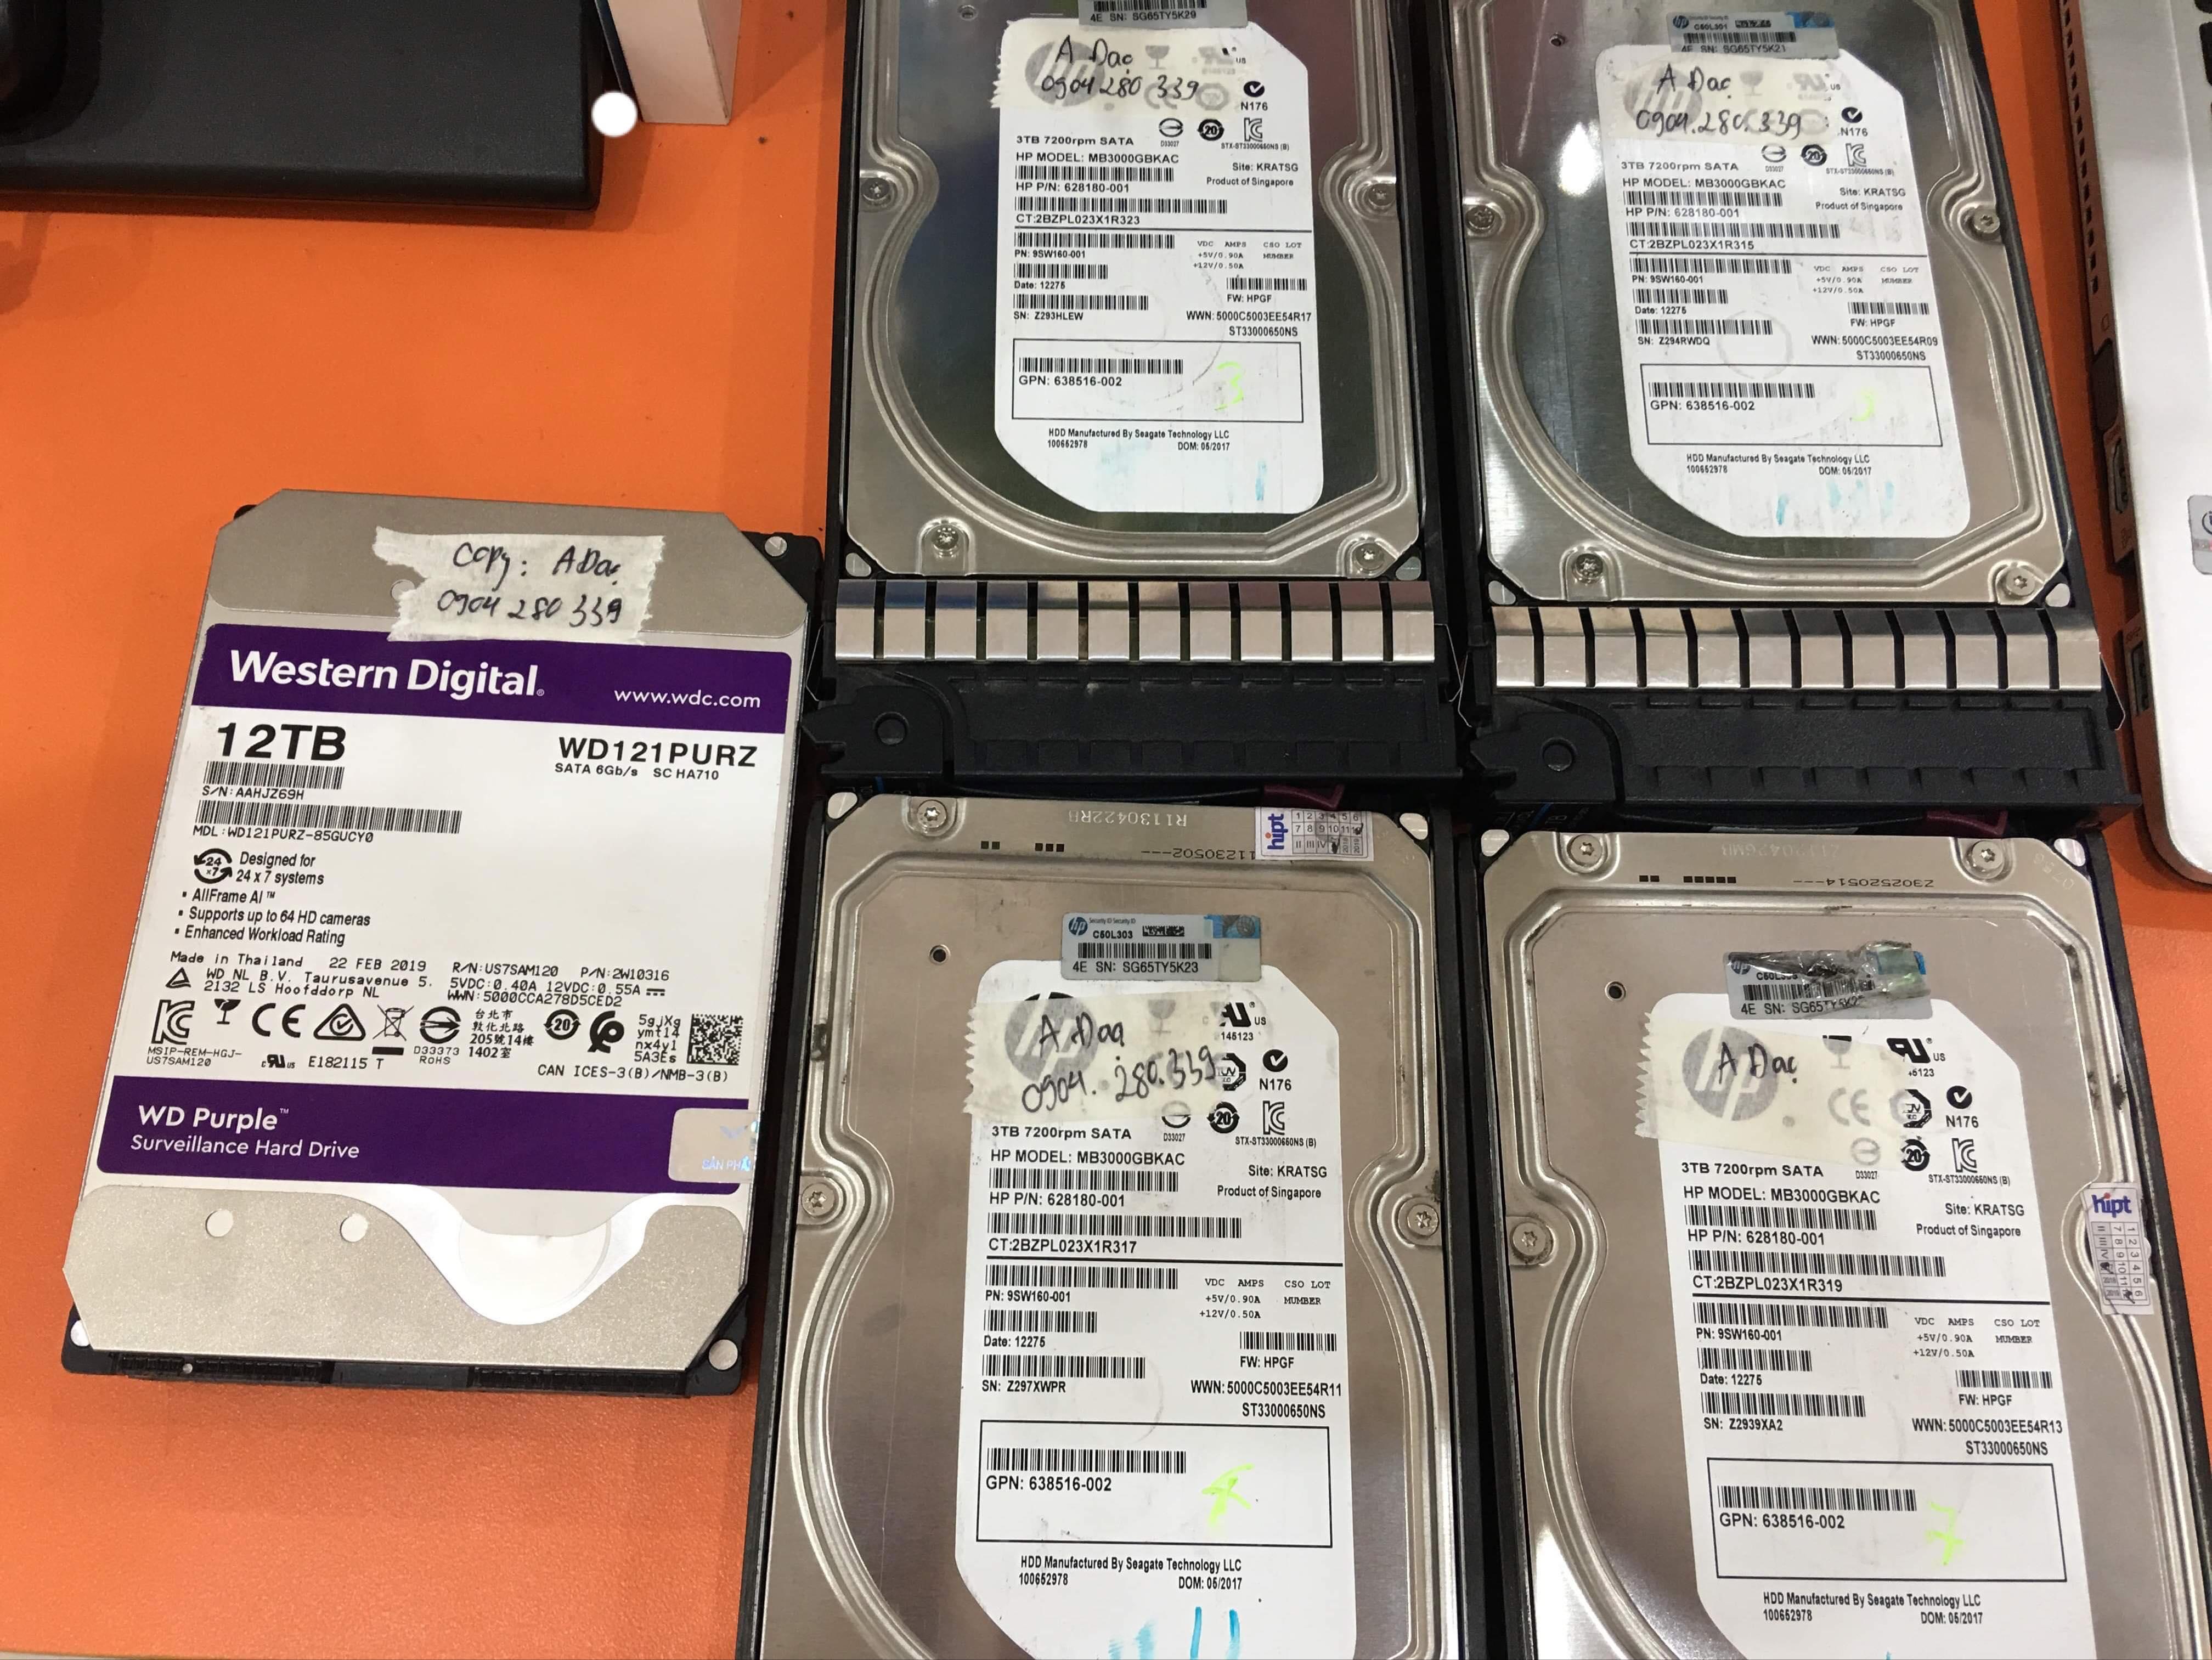 Khôi phục dữ liệu máy chủ HP với 4HDDx3TB sử dụng raid 5 lỗi vật lý 2 ổcứng - 06.2019